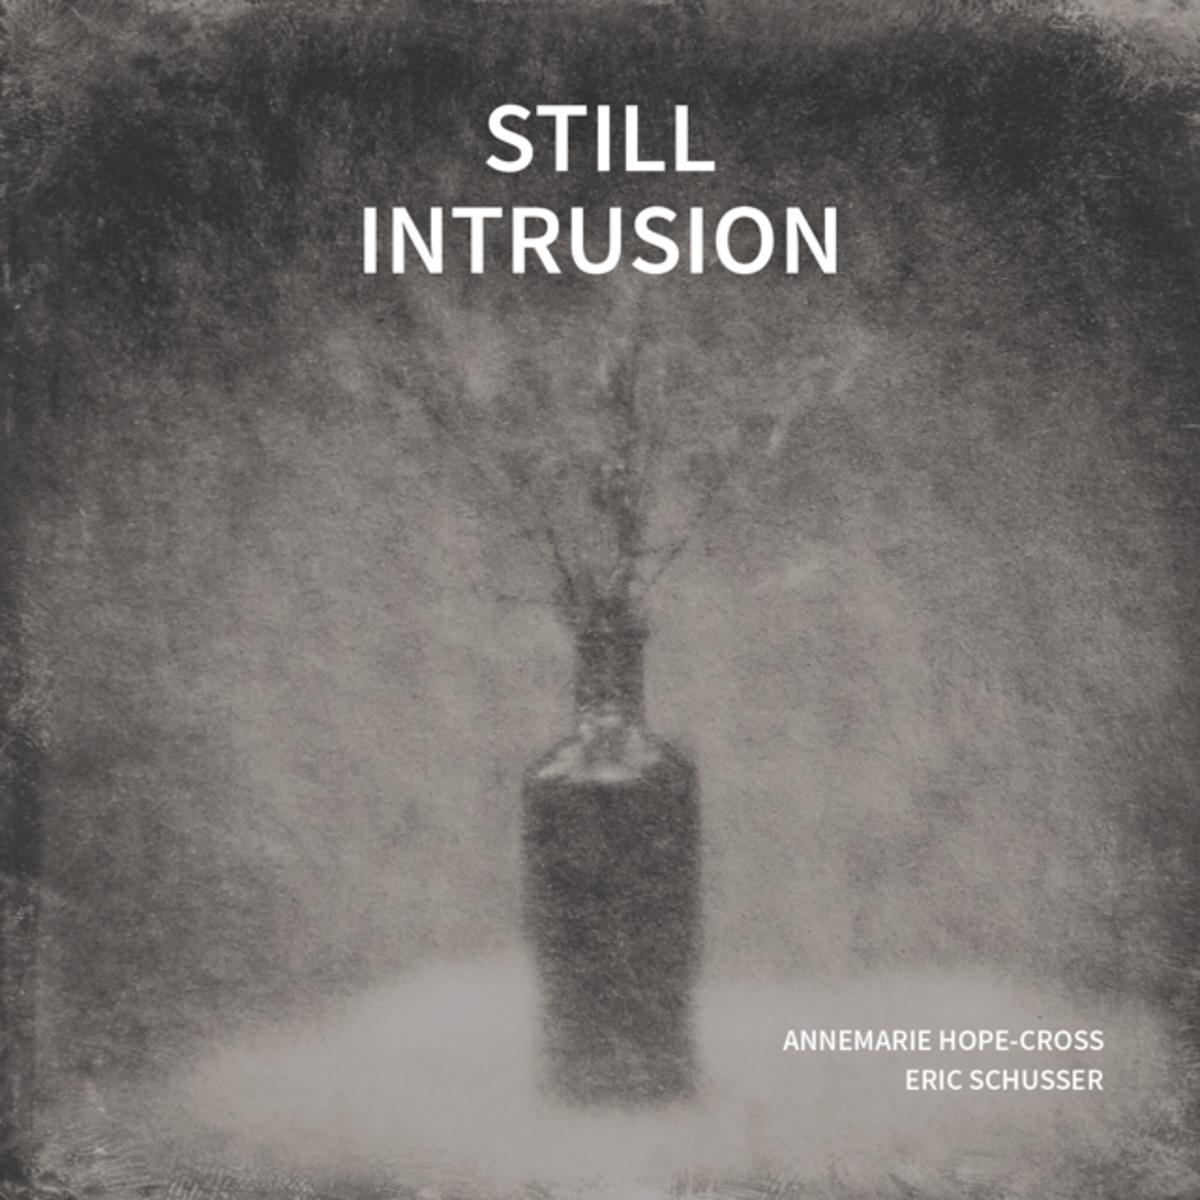 Still Intrusion